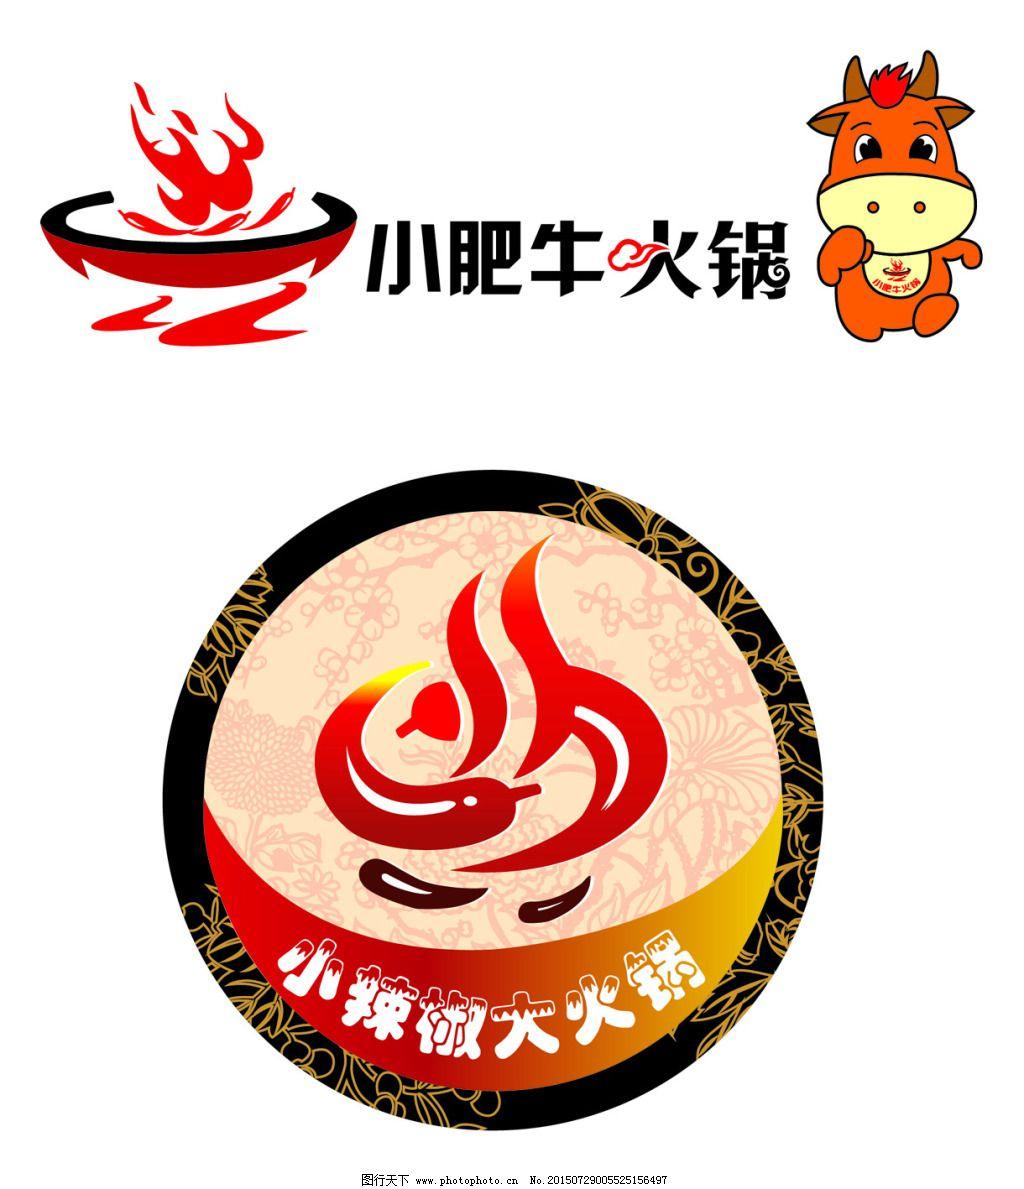 火锅店标识免费下载 火锅店logo 火锅标识 火锅店标识 火锅店logo